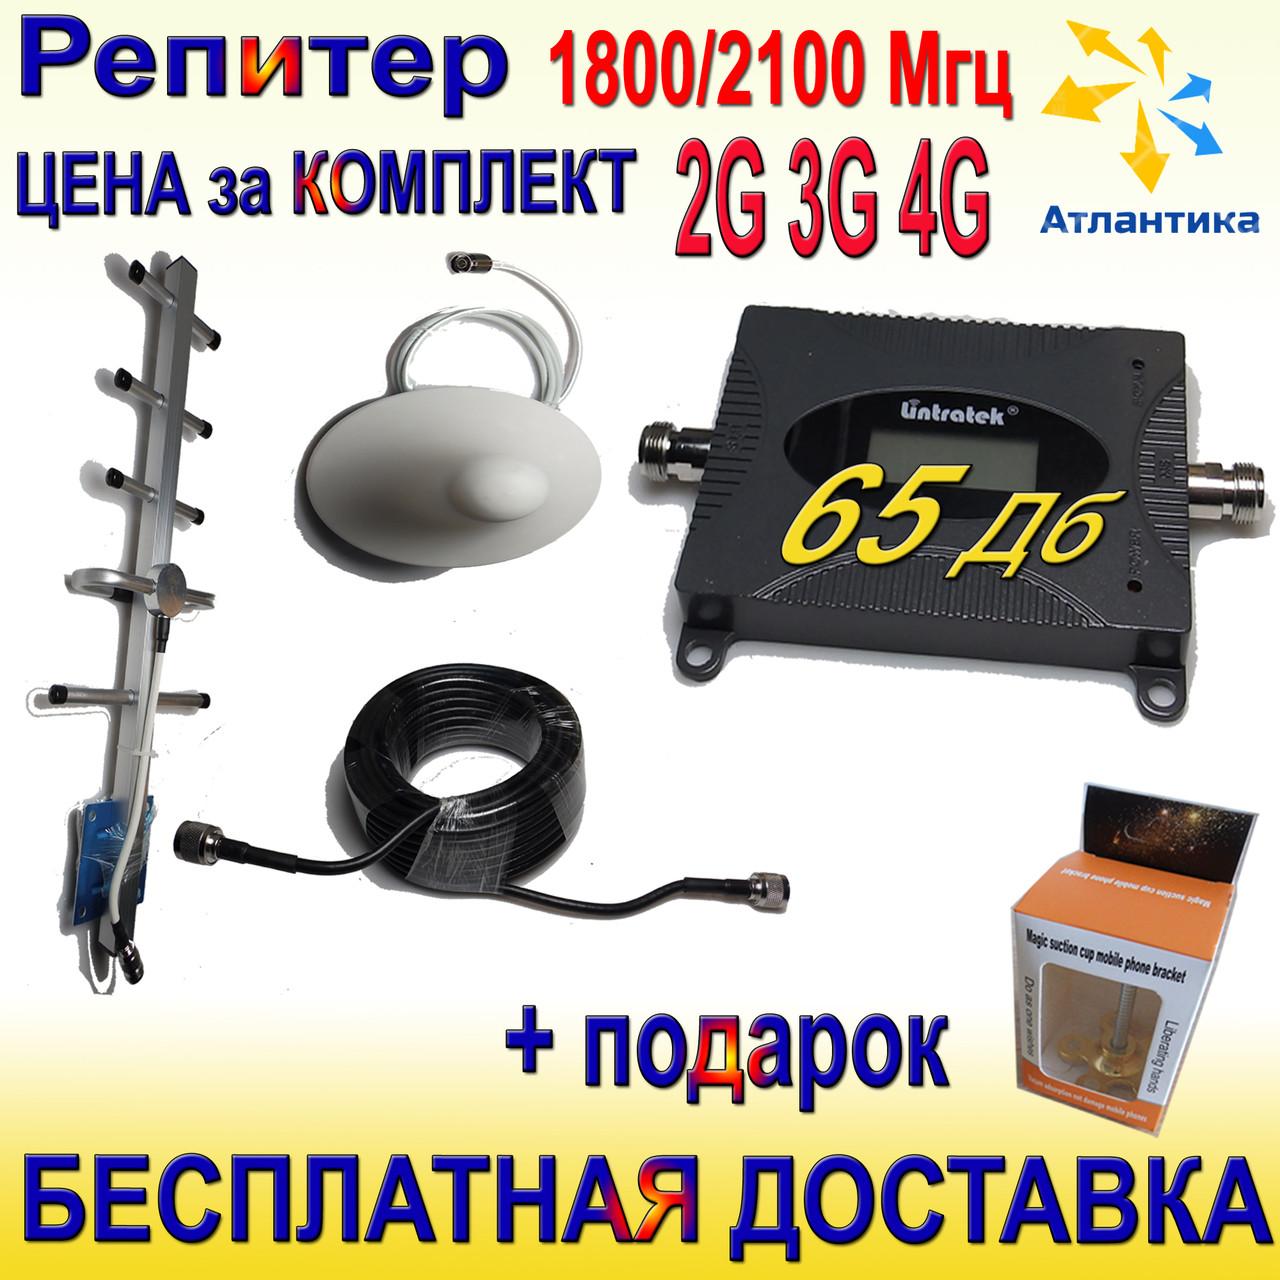 Телефонный усилитель GSM сети Lte, 4G интернета для смартфона. сотового телефона